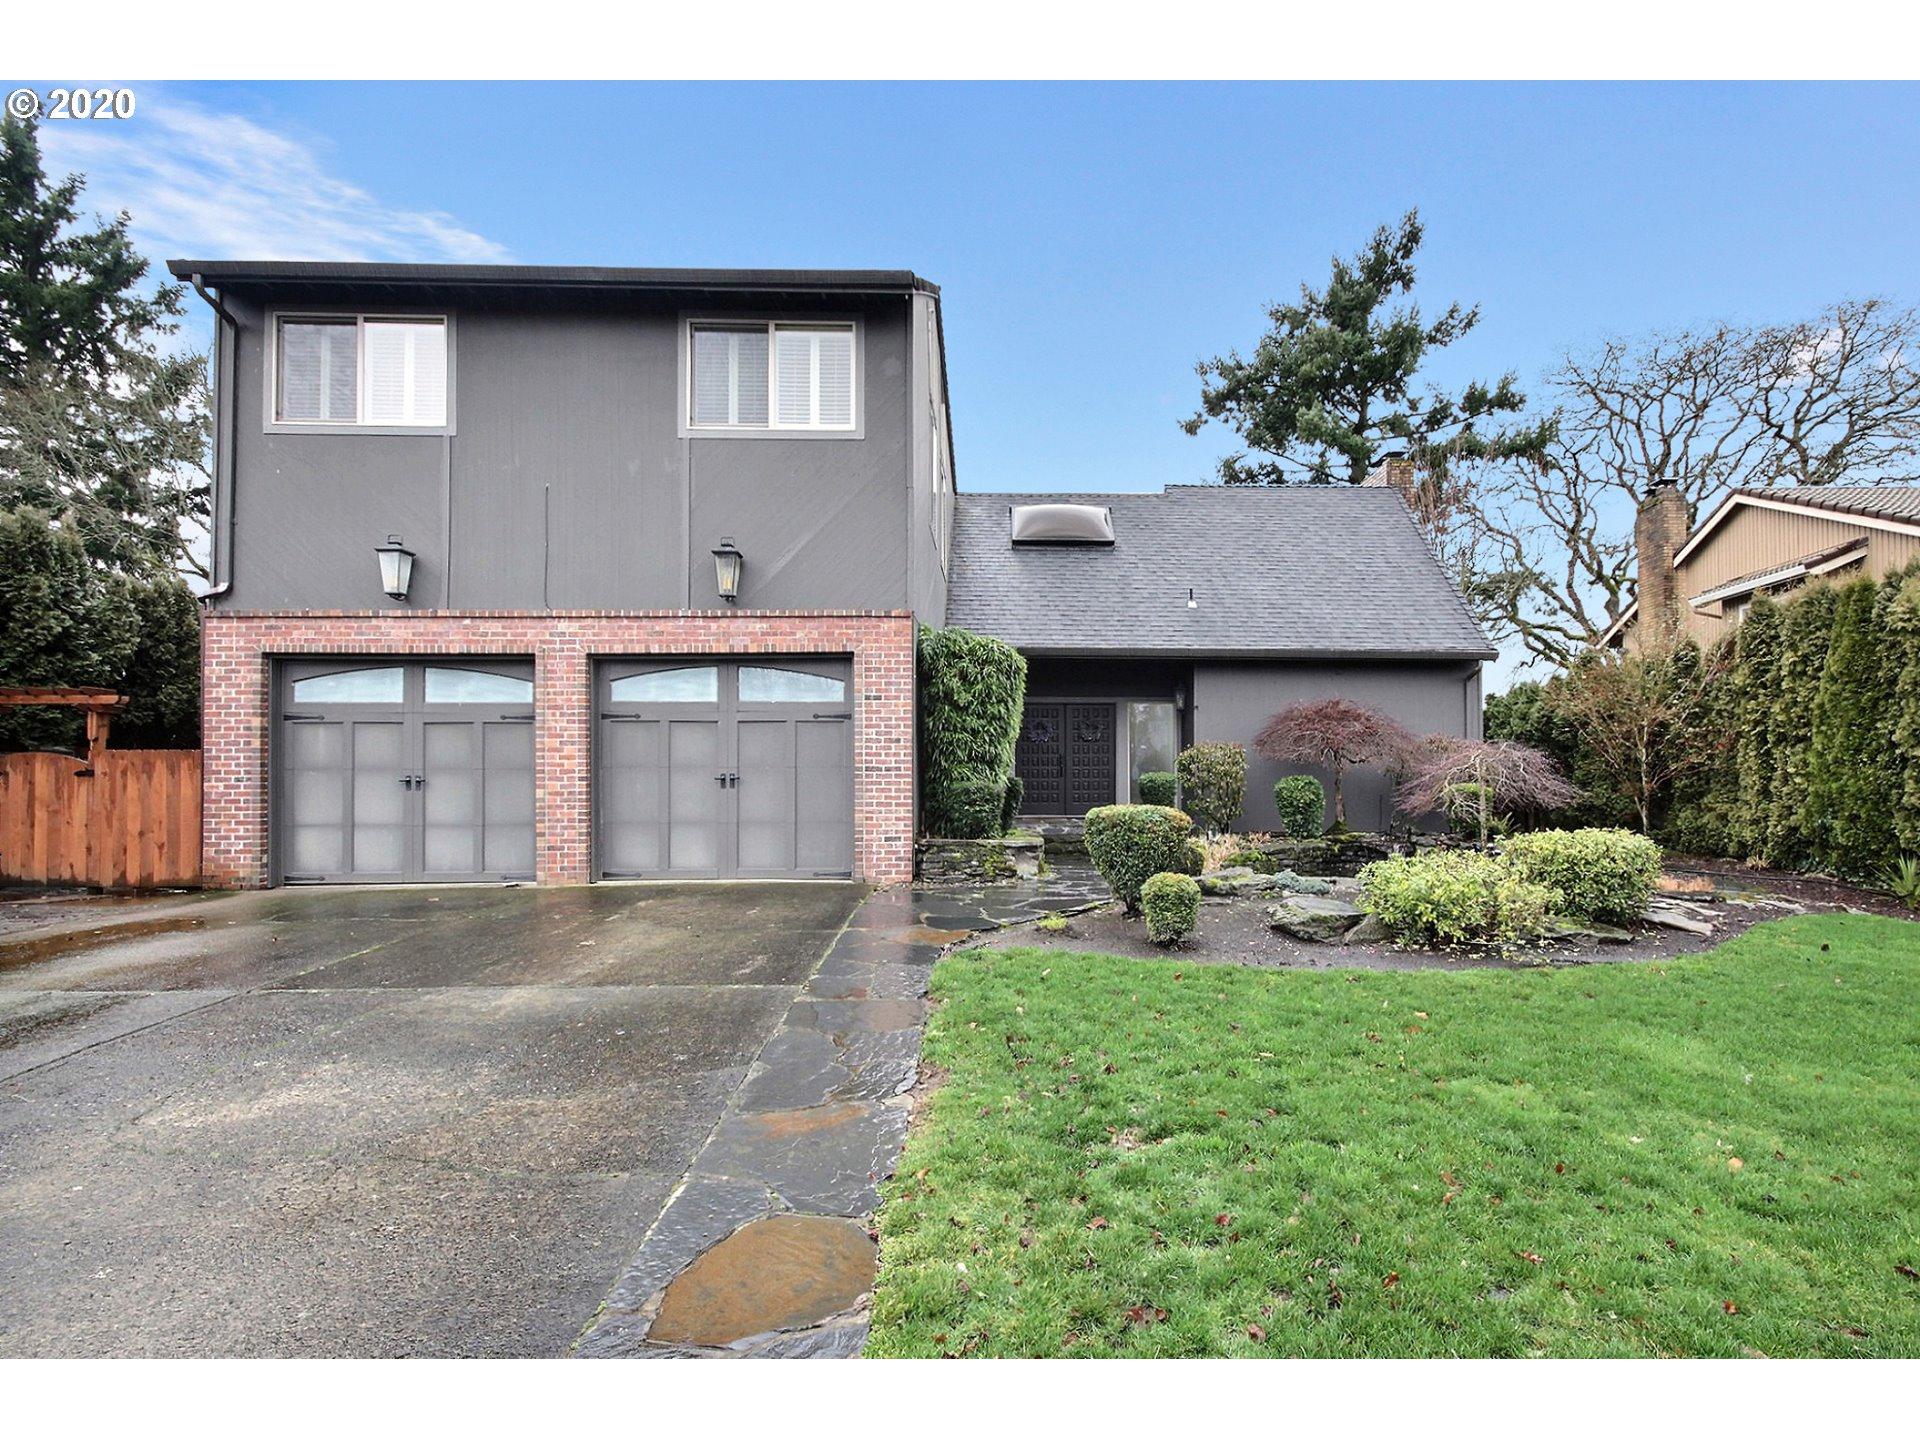 6604 NW Dogwood Dr, Vancouver, WA 98663